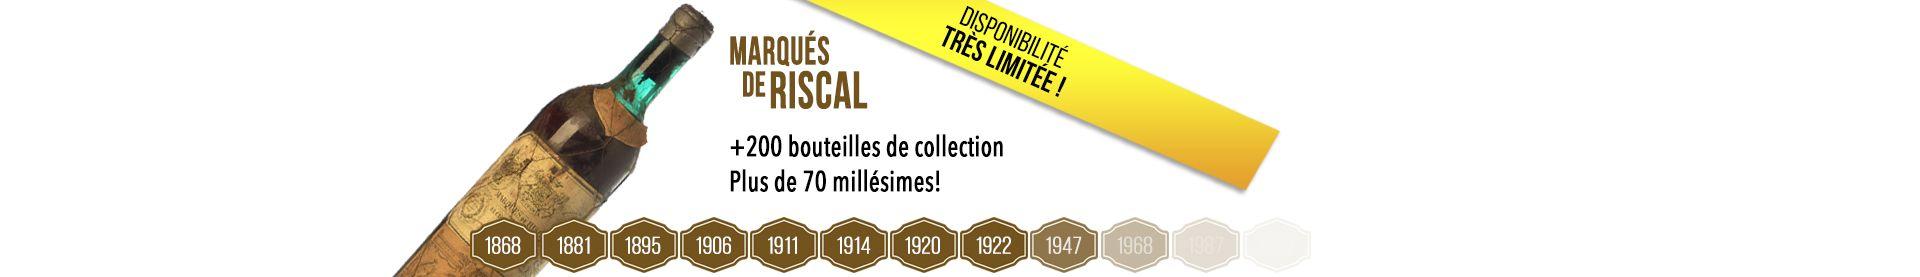 +200 Marqués de Riscal